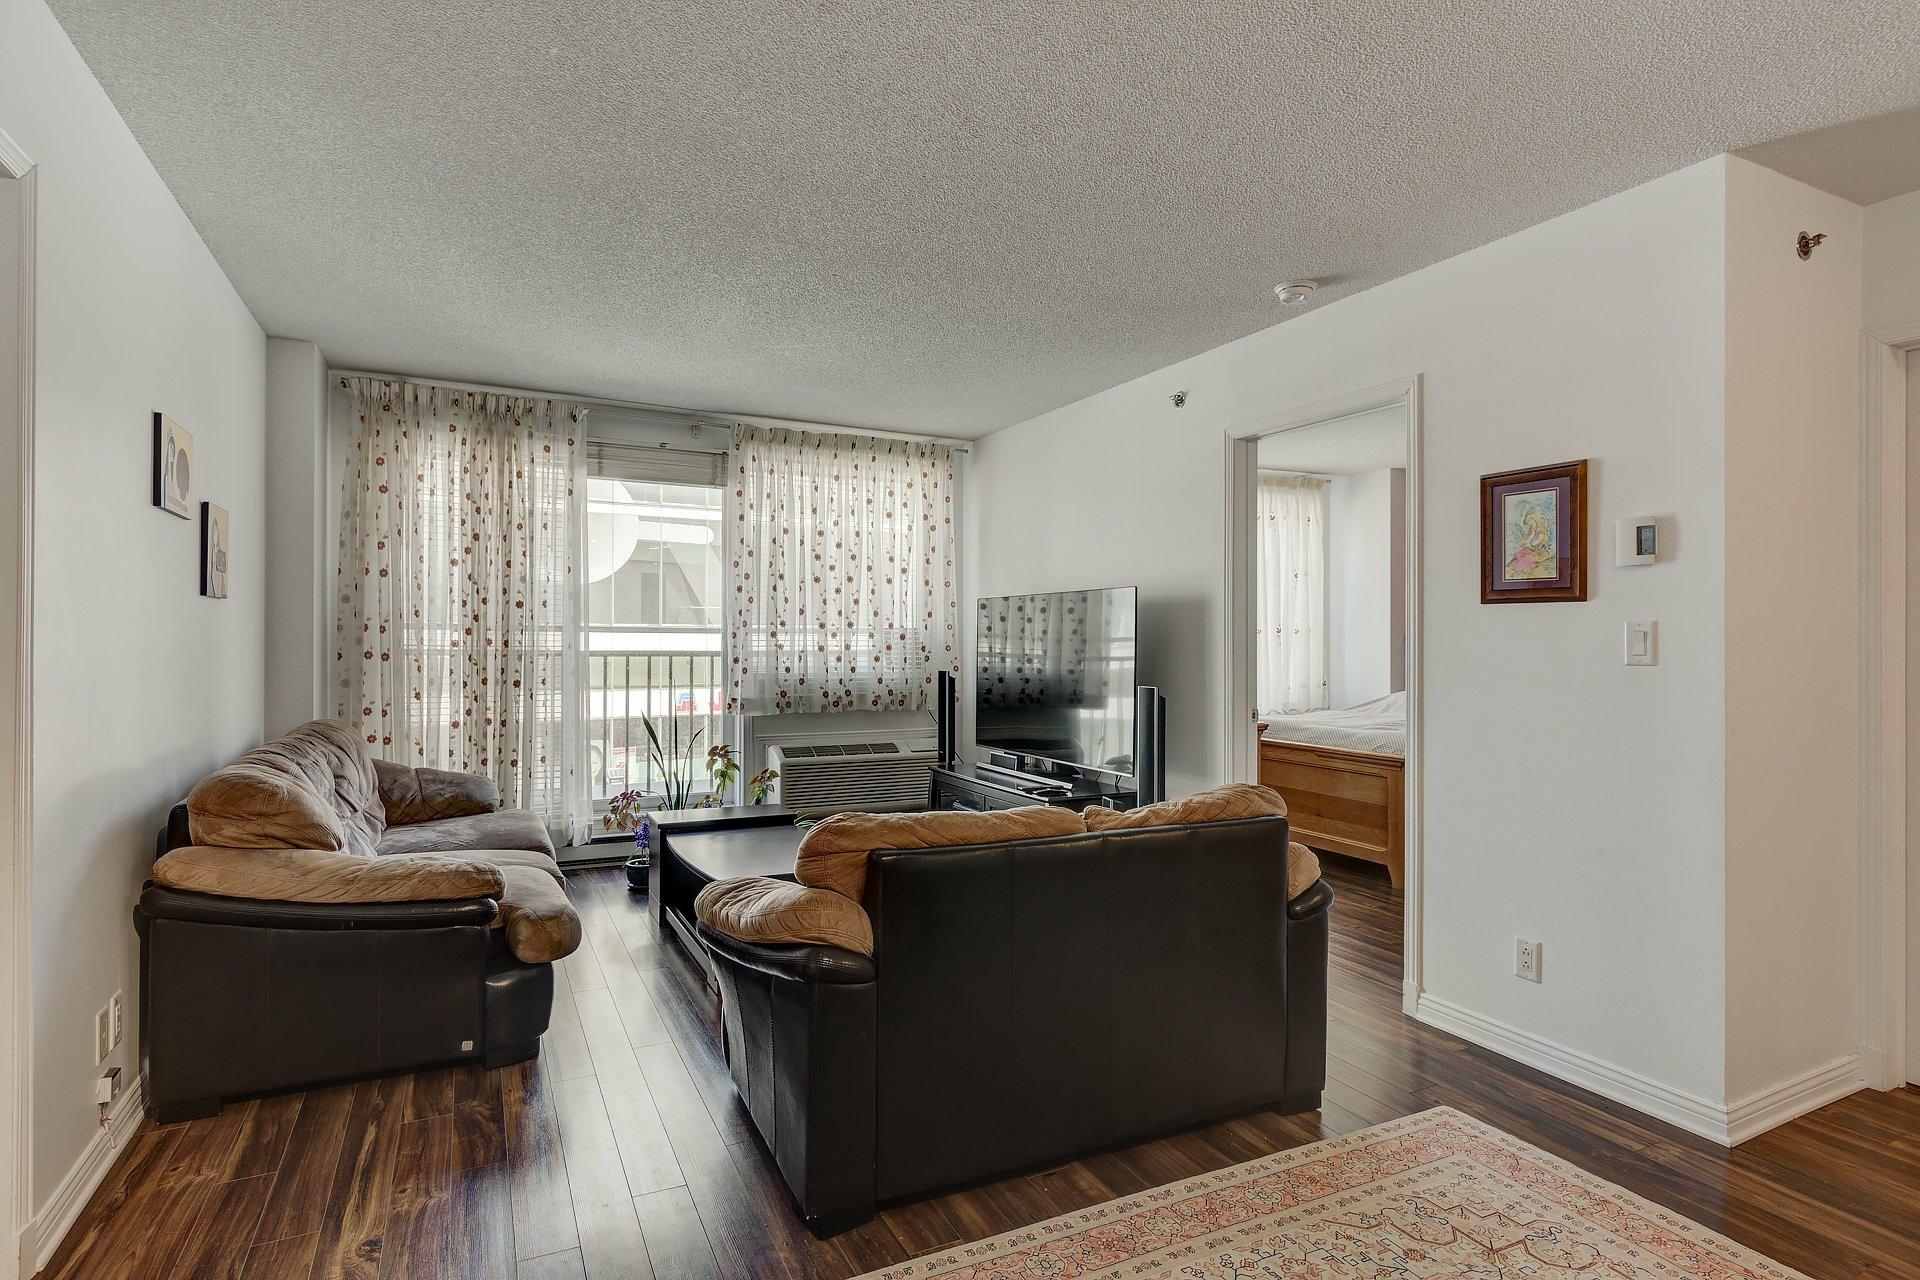 image 3 - Appartement À vendre Montréal Ville-Marie  - 6 pièces